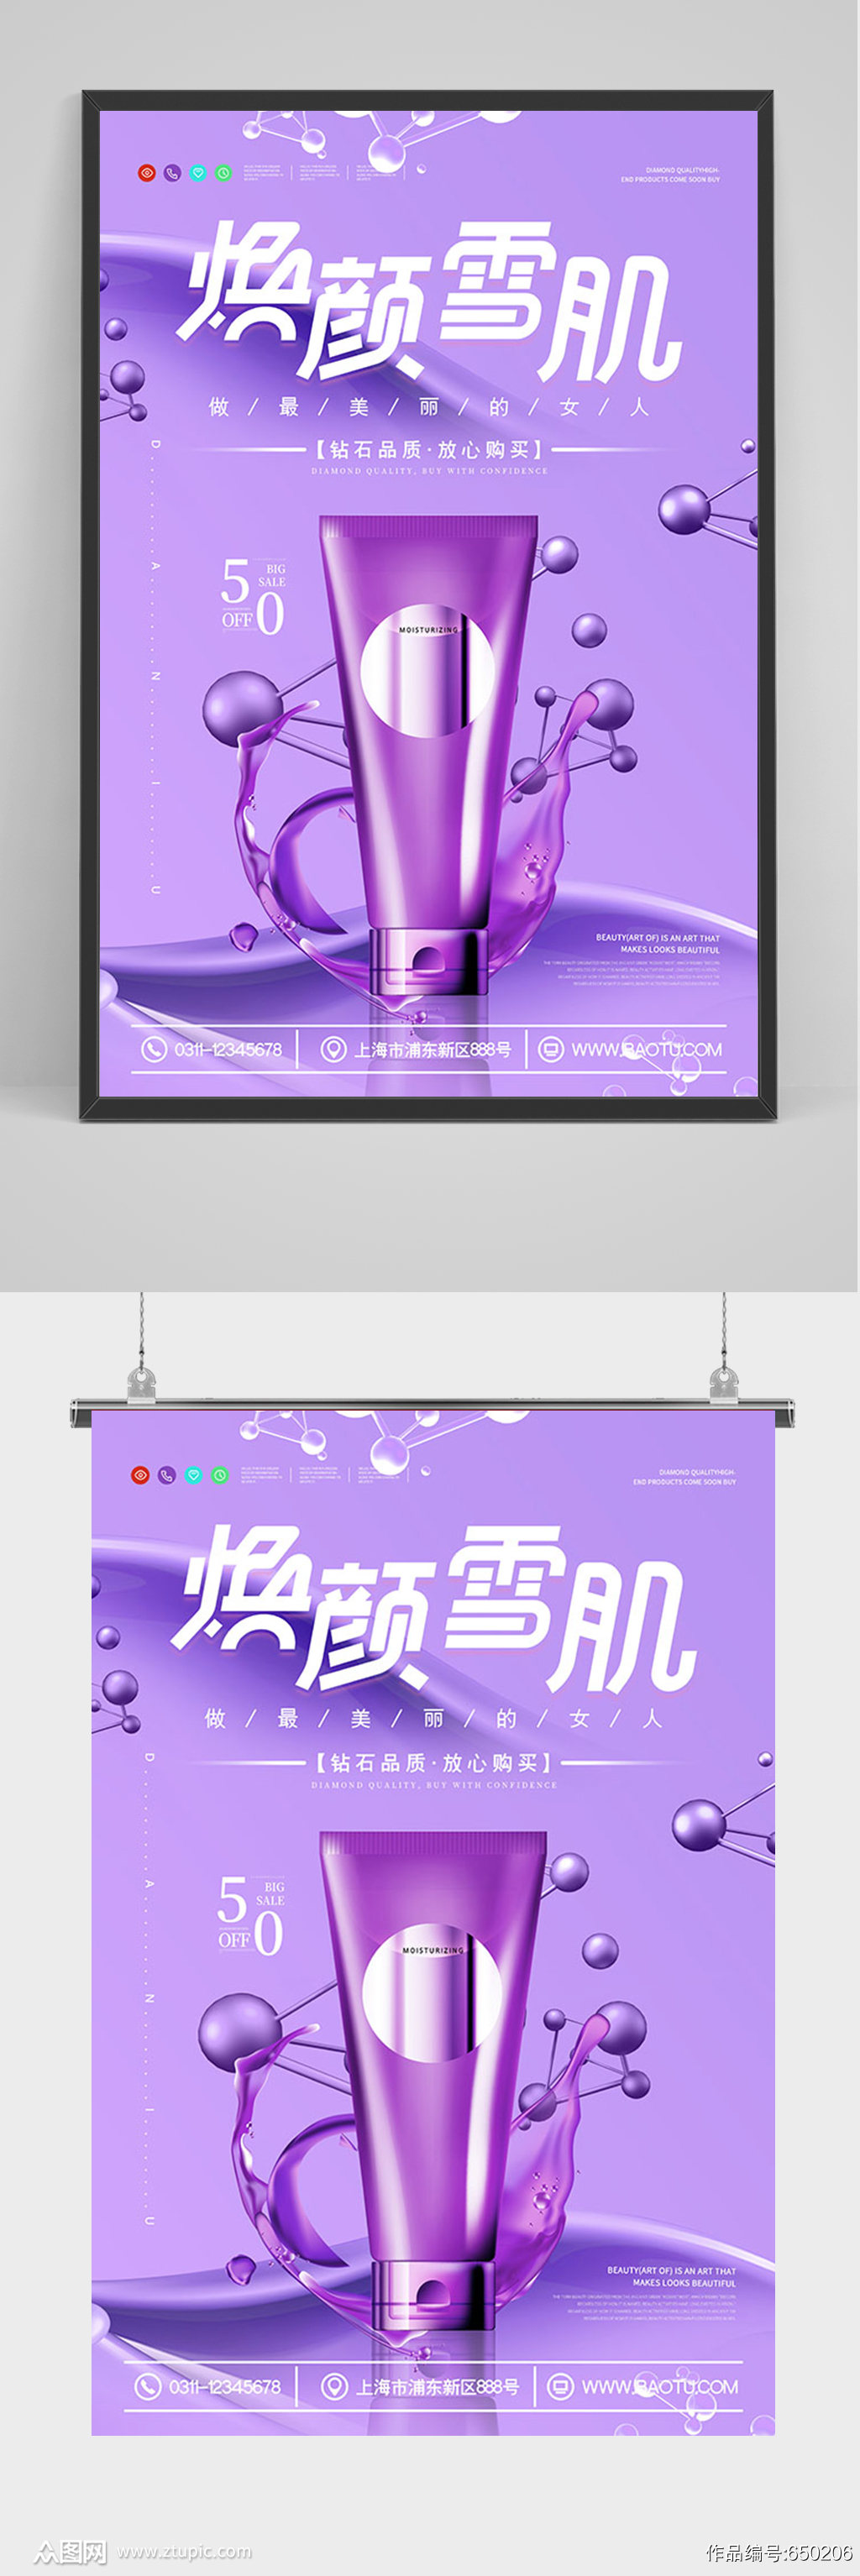 紫色大气护肤品促销海报素材